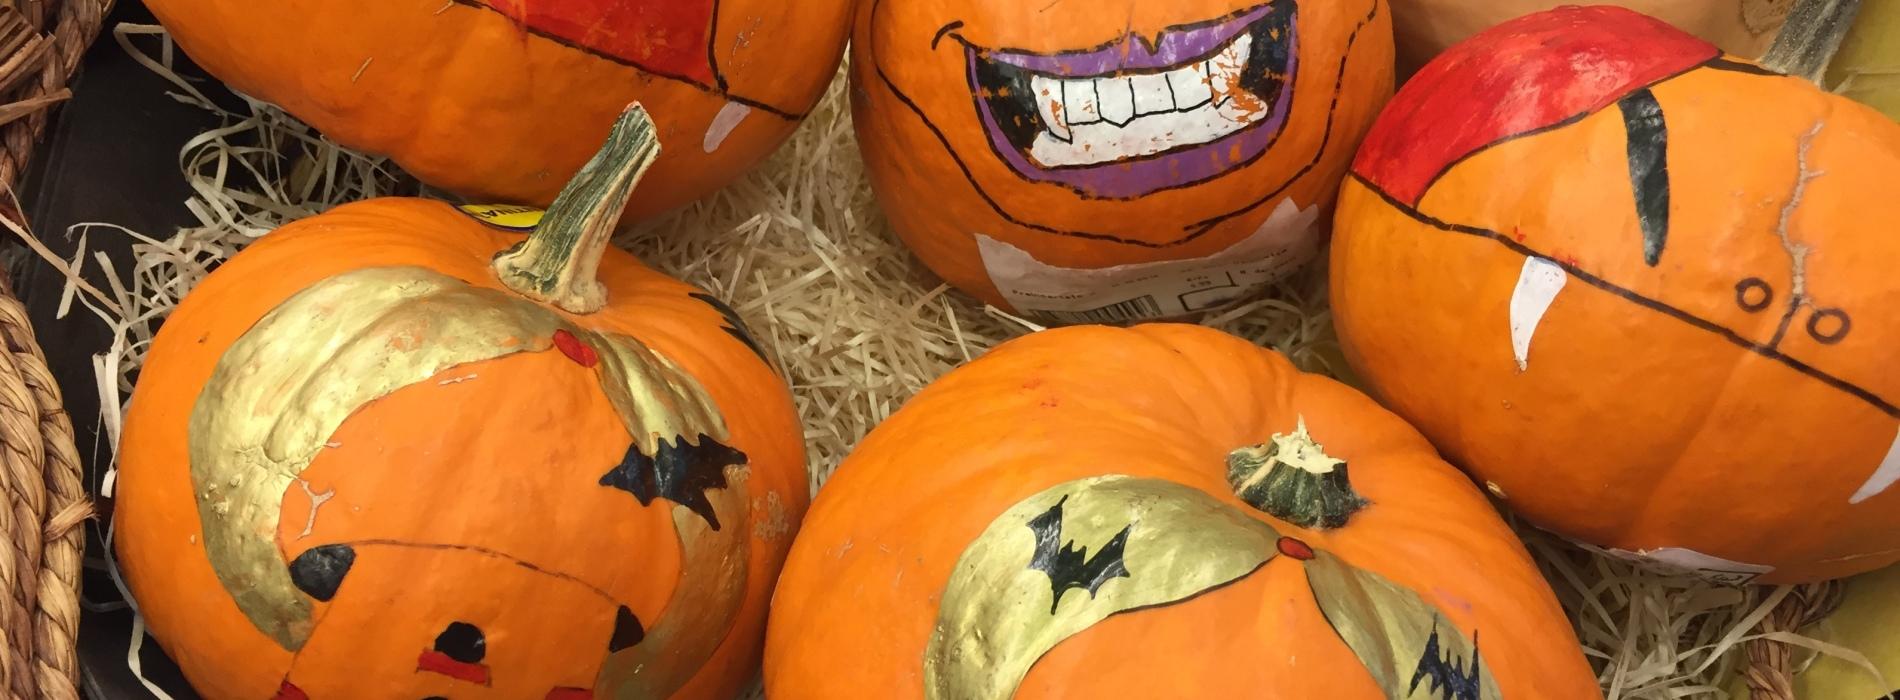 Halloween a Caserta, la grande notte della magica zucca